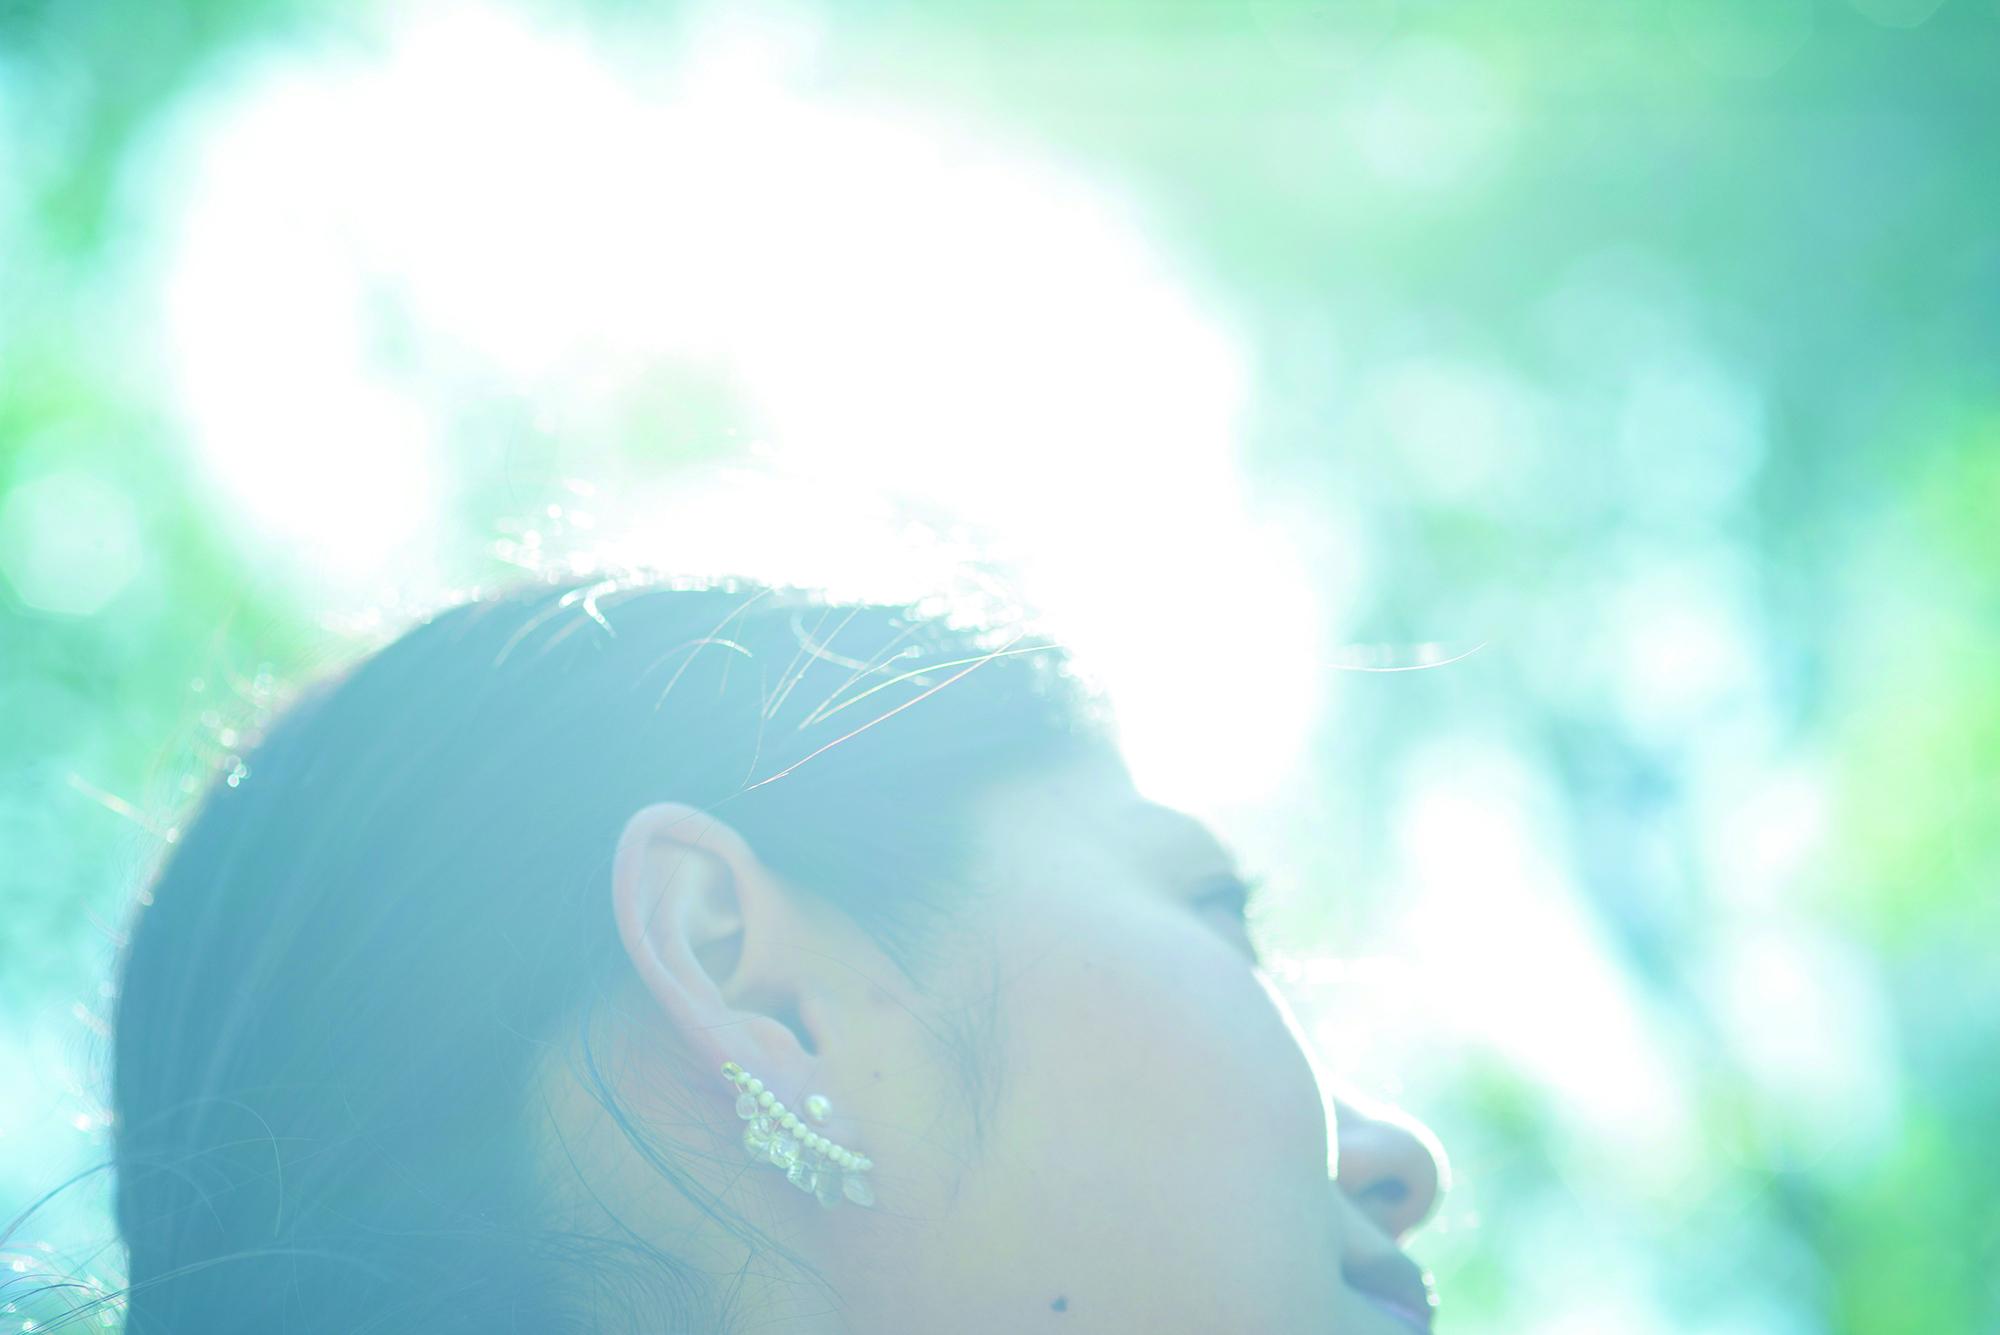 XSORI_photo_3.jpg